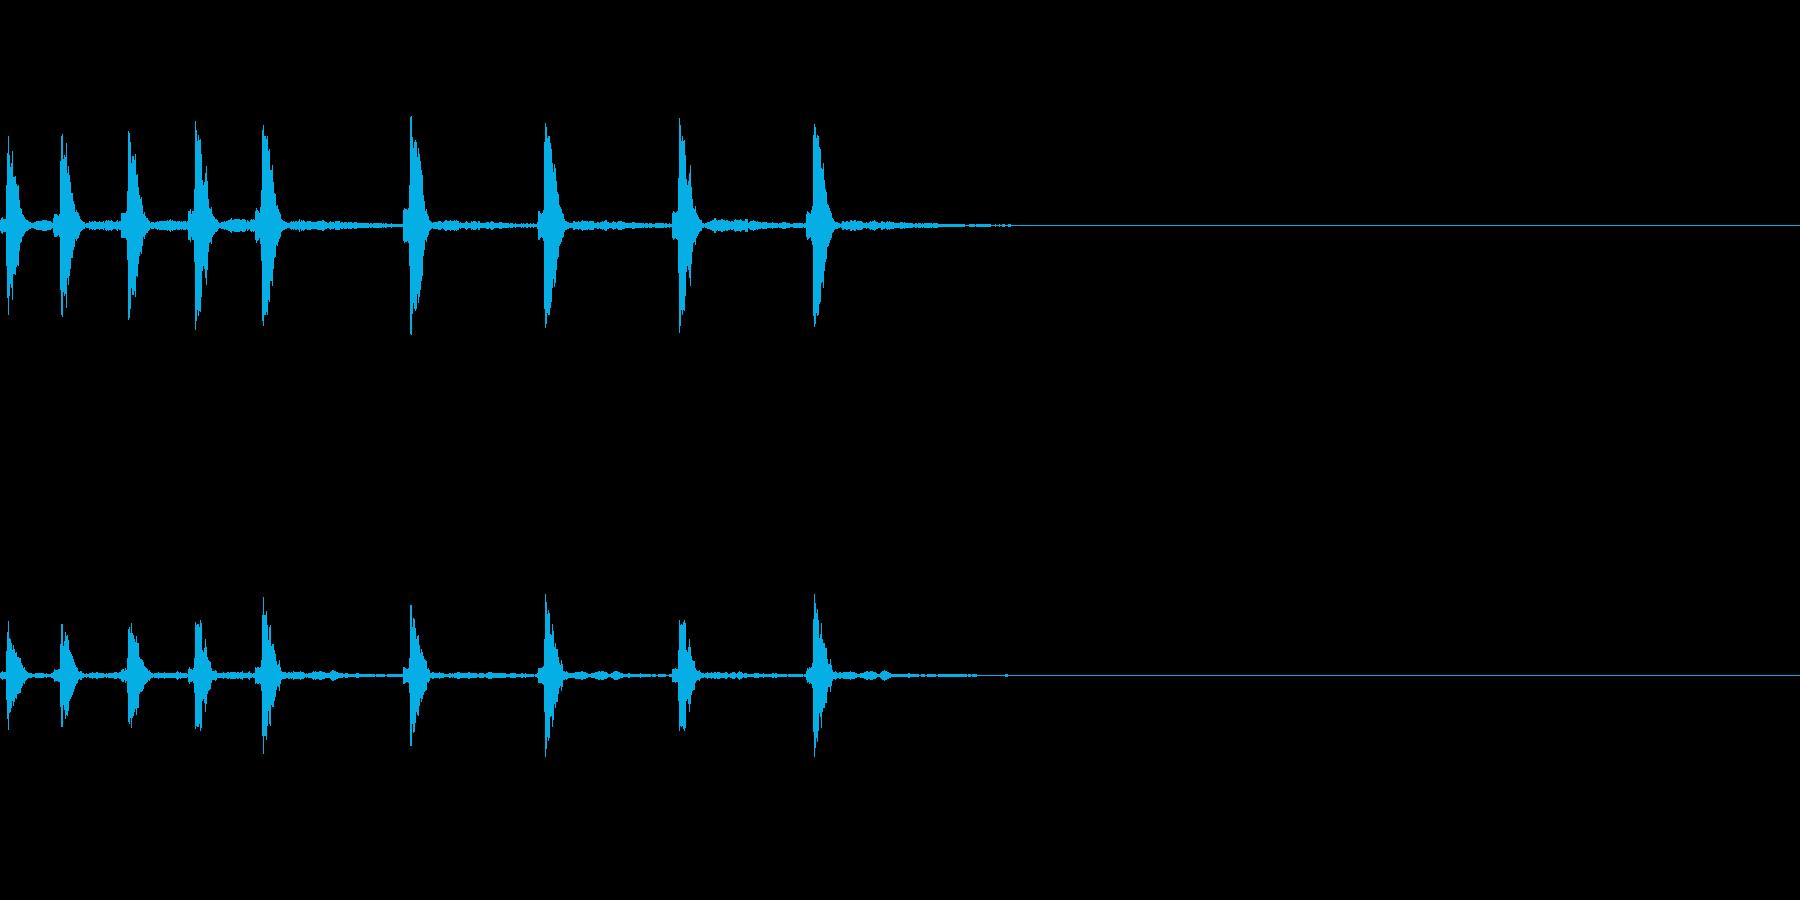 和風なサウンドロゴの再生済みの波形